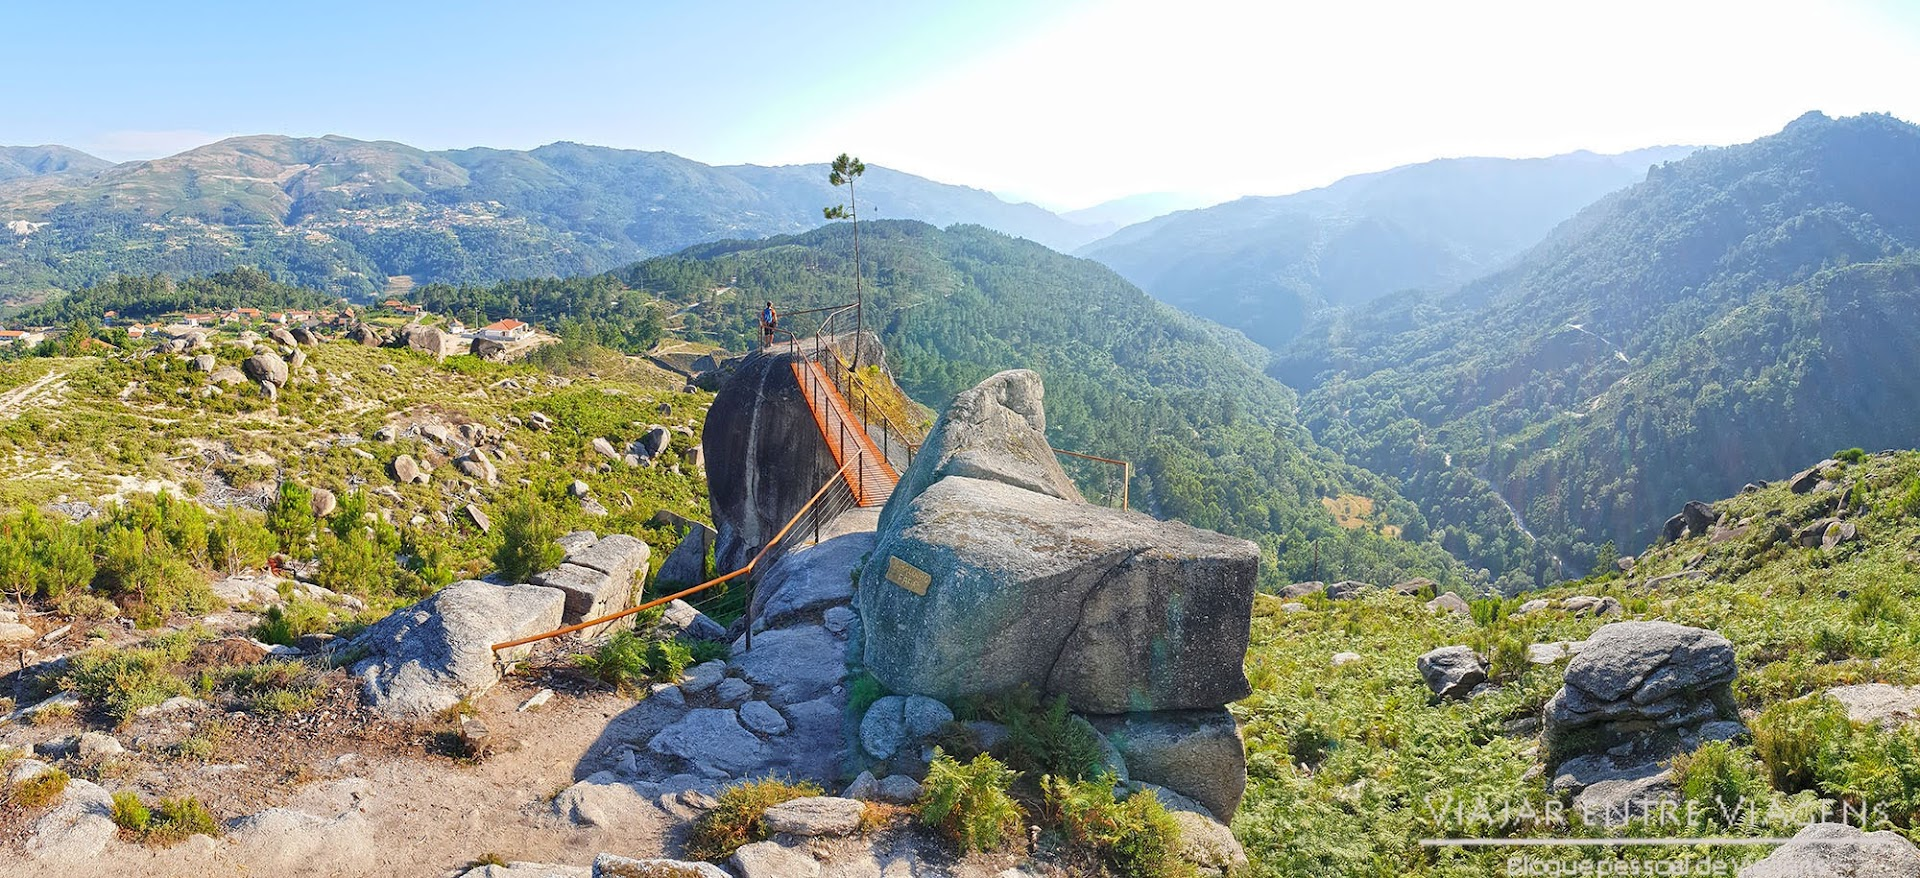 TRILHOS DO GERÊS | Os melhores percursos pedestres para explorar na Serra do Gerês